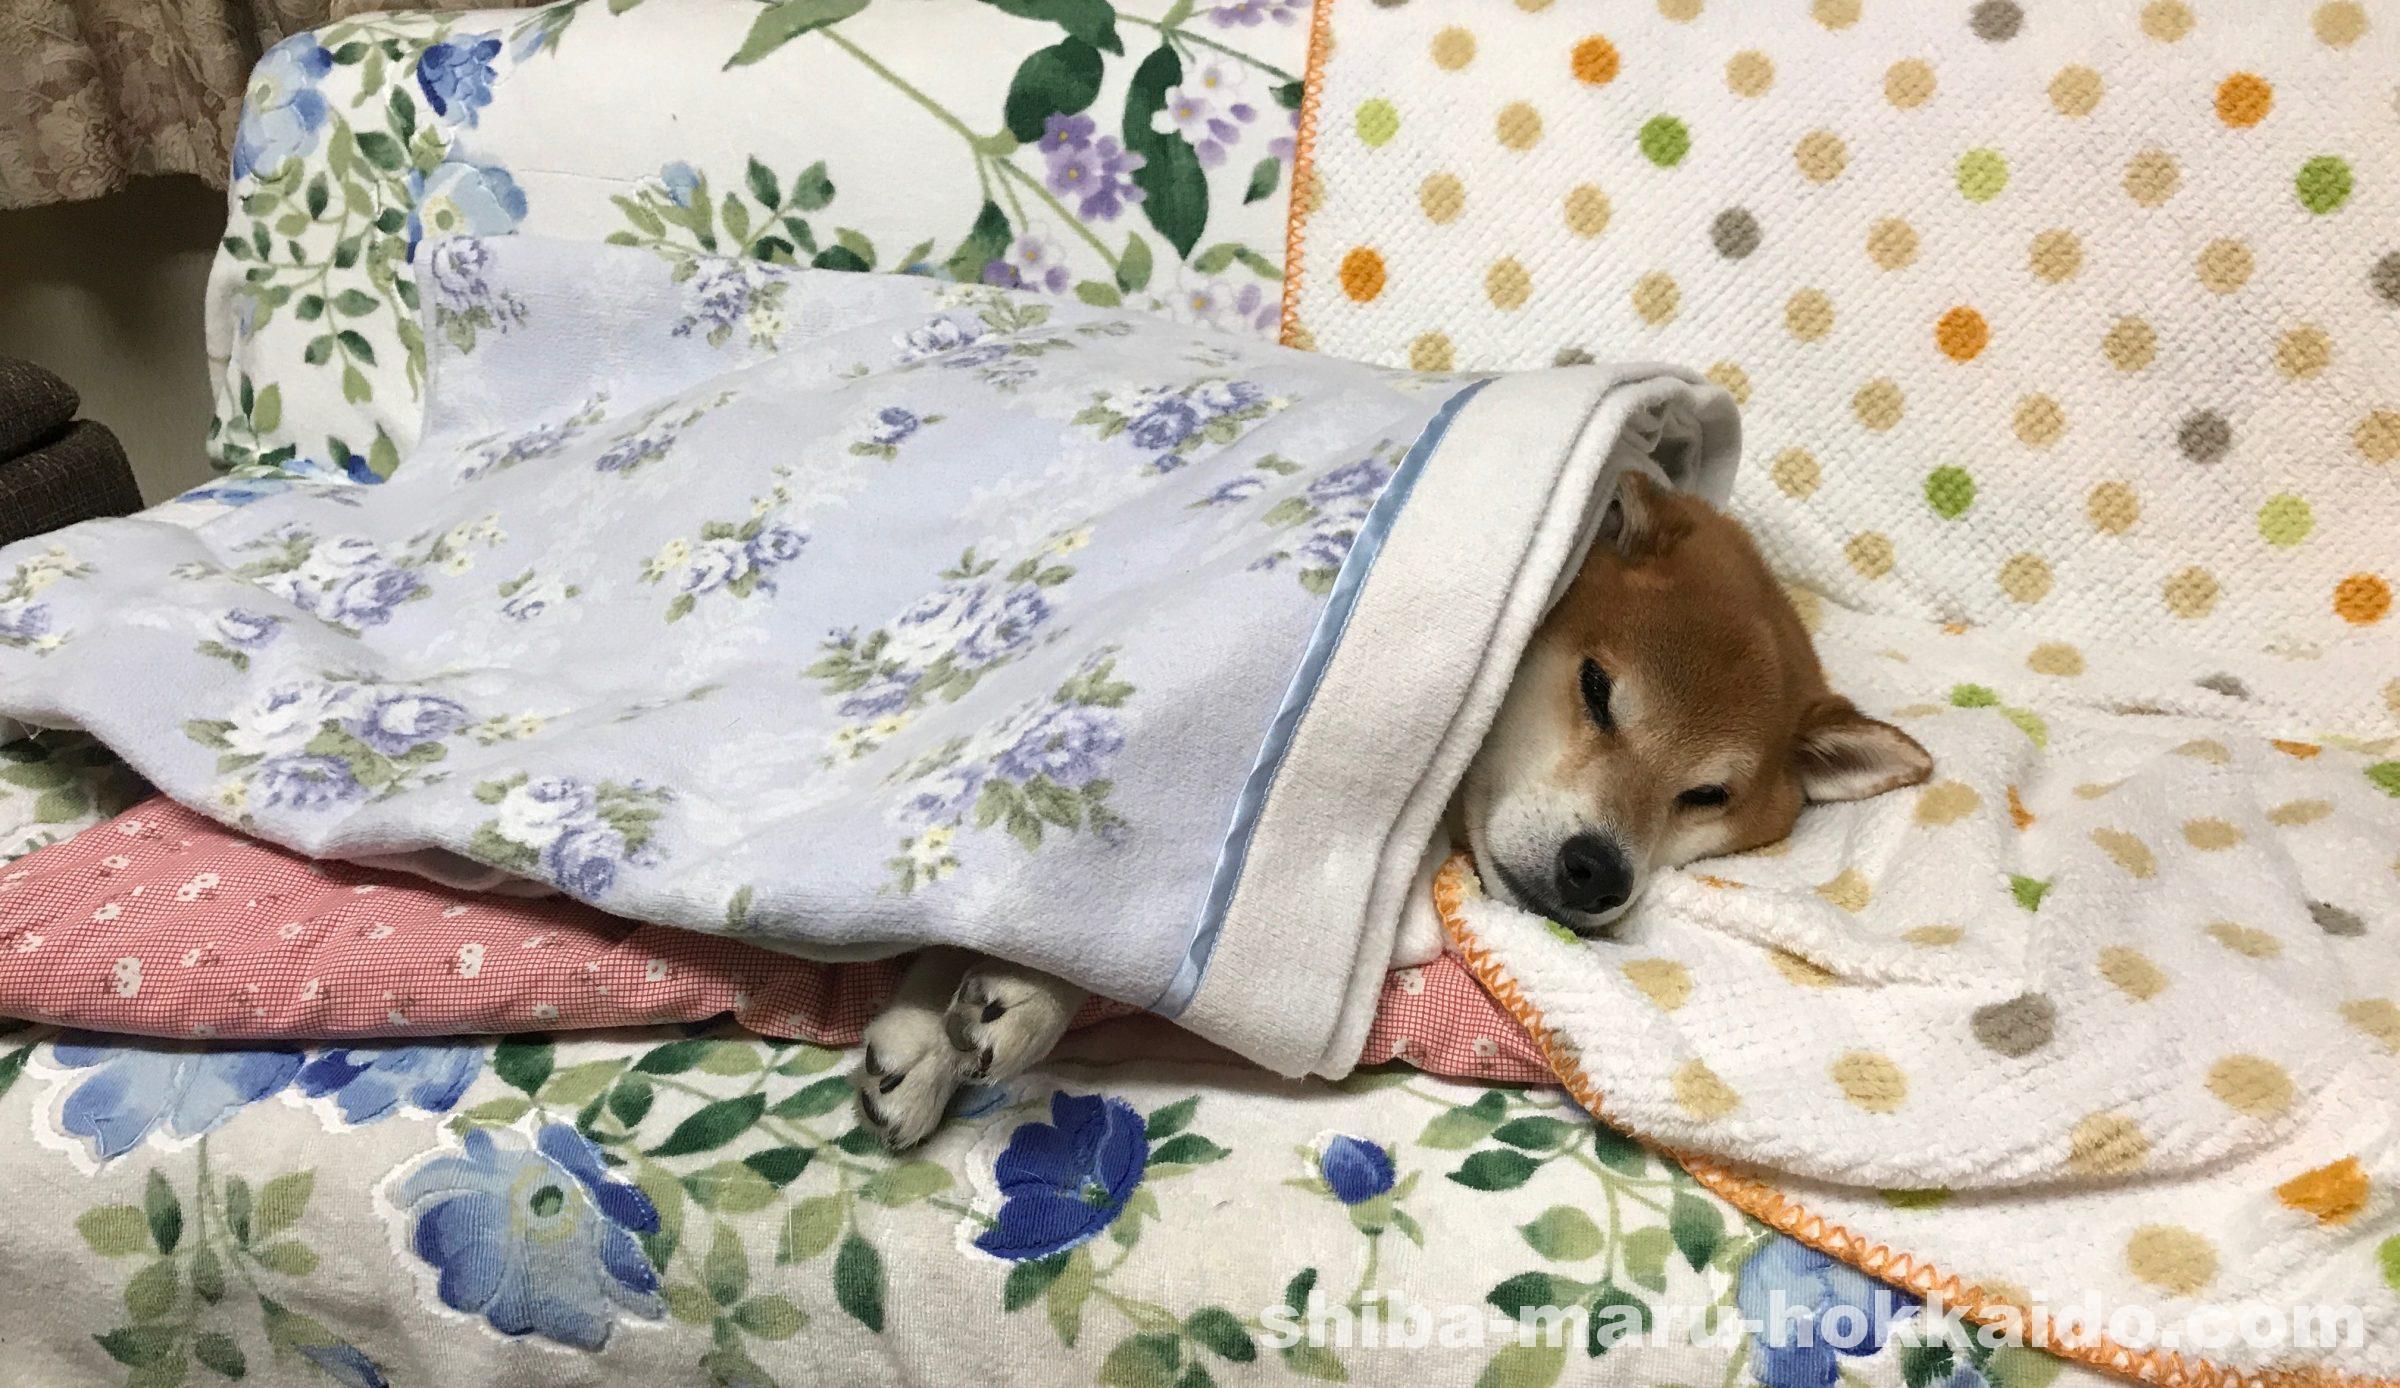 北海道の実家で飼われている柴犬太郎が「いぬのきもちWEB MAGAZINE」で紹介されました!